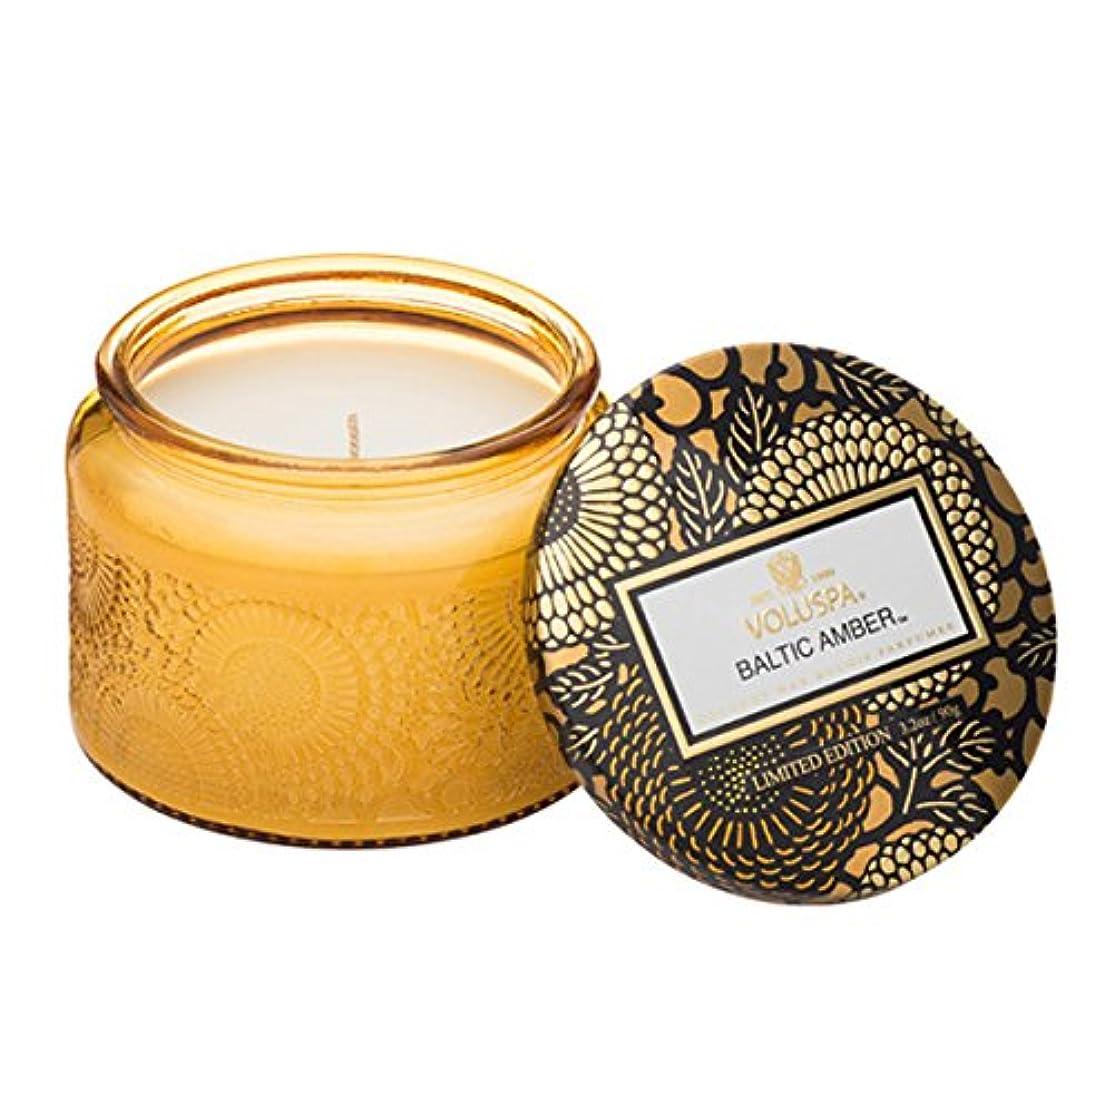 並外れた優先権準拠Voluspa ボルスパ ジャポニカ リミテッド グラスジャーキャンドル  S バルティックアンバー BALTIC AMBER JAPONICA Limited PETITE EMBOSSED Glass jar candle